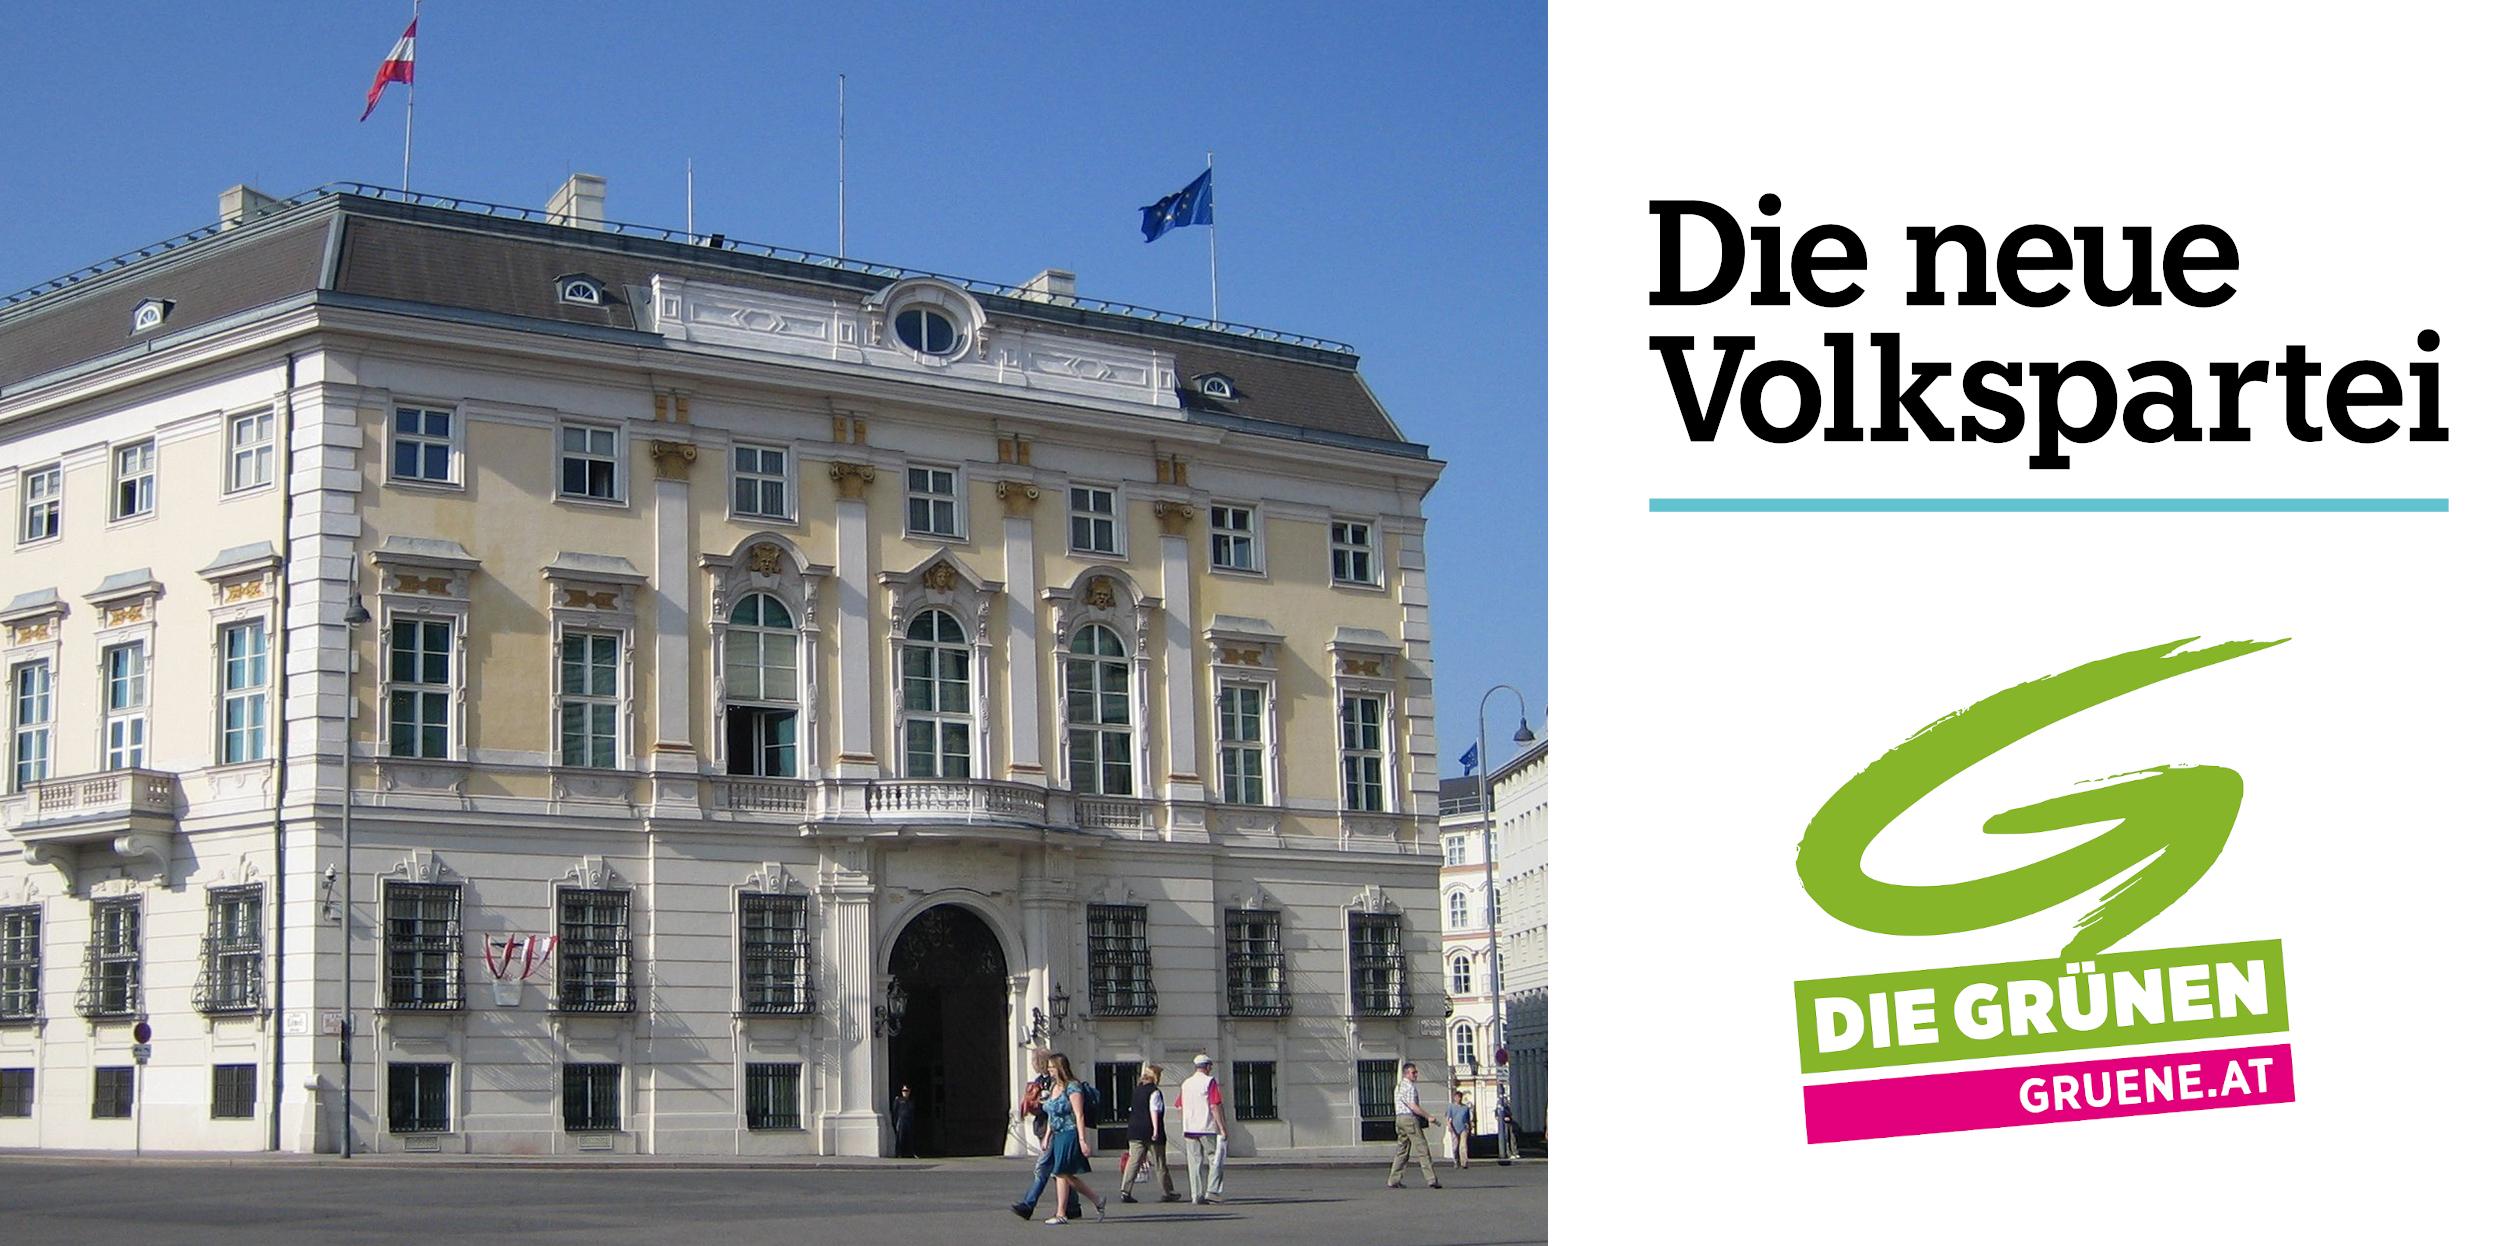 Regierung 2020 aus ÖVP und GRÜNE - Bundeskanzleramt